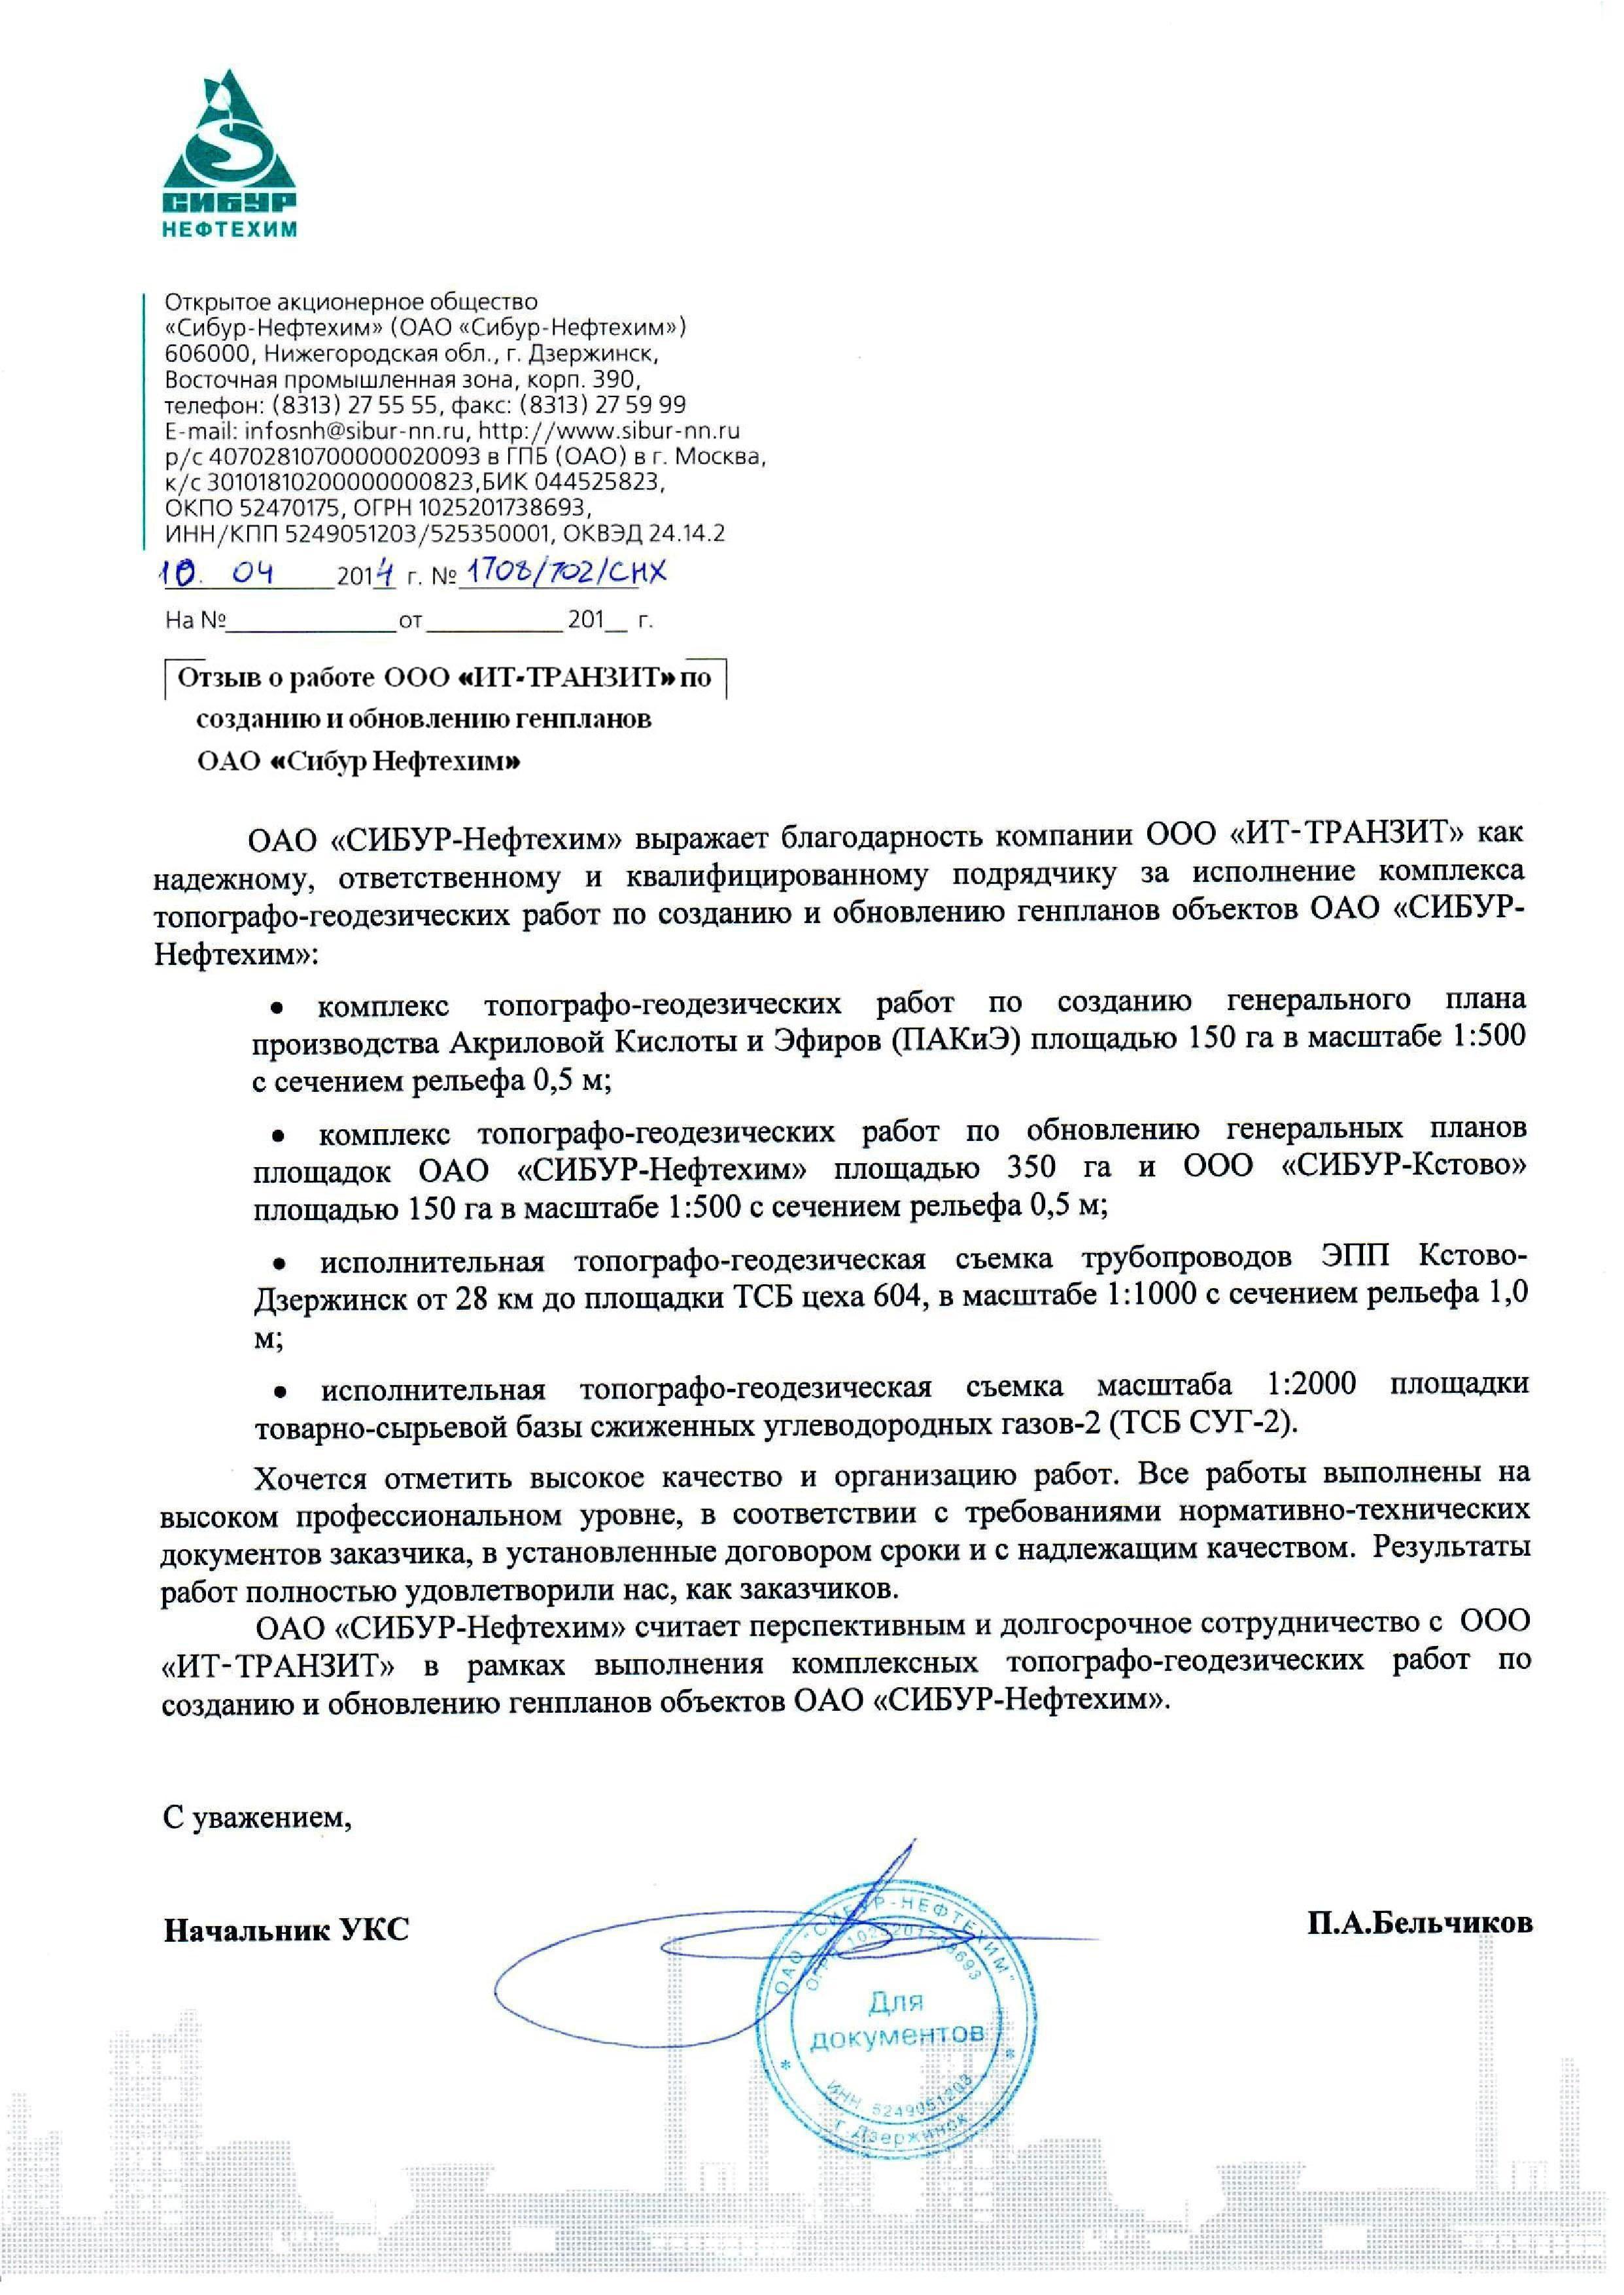 Отзыв о работе по созданию и обновлению генпланов ОАО «Сибур-нефтехим»